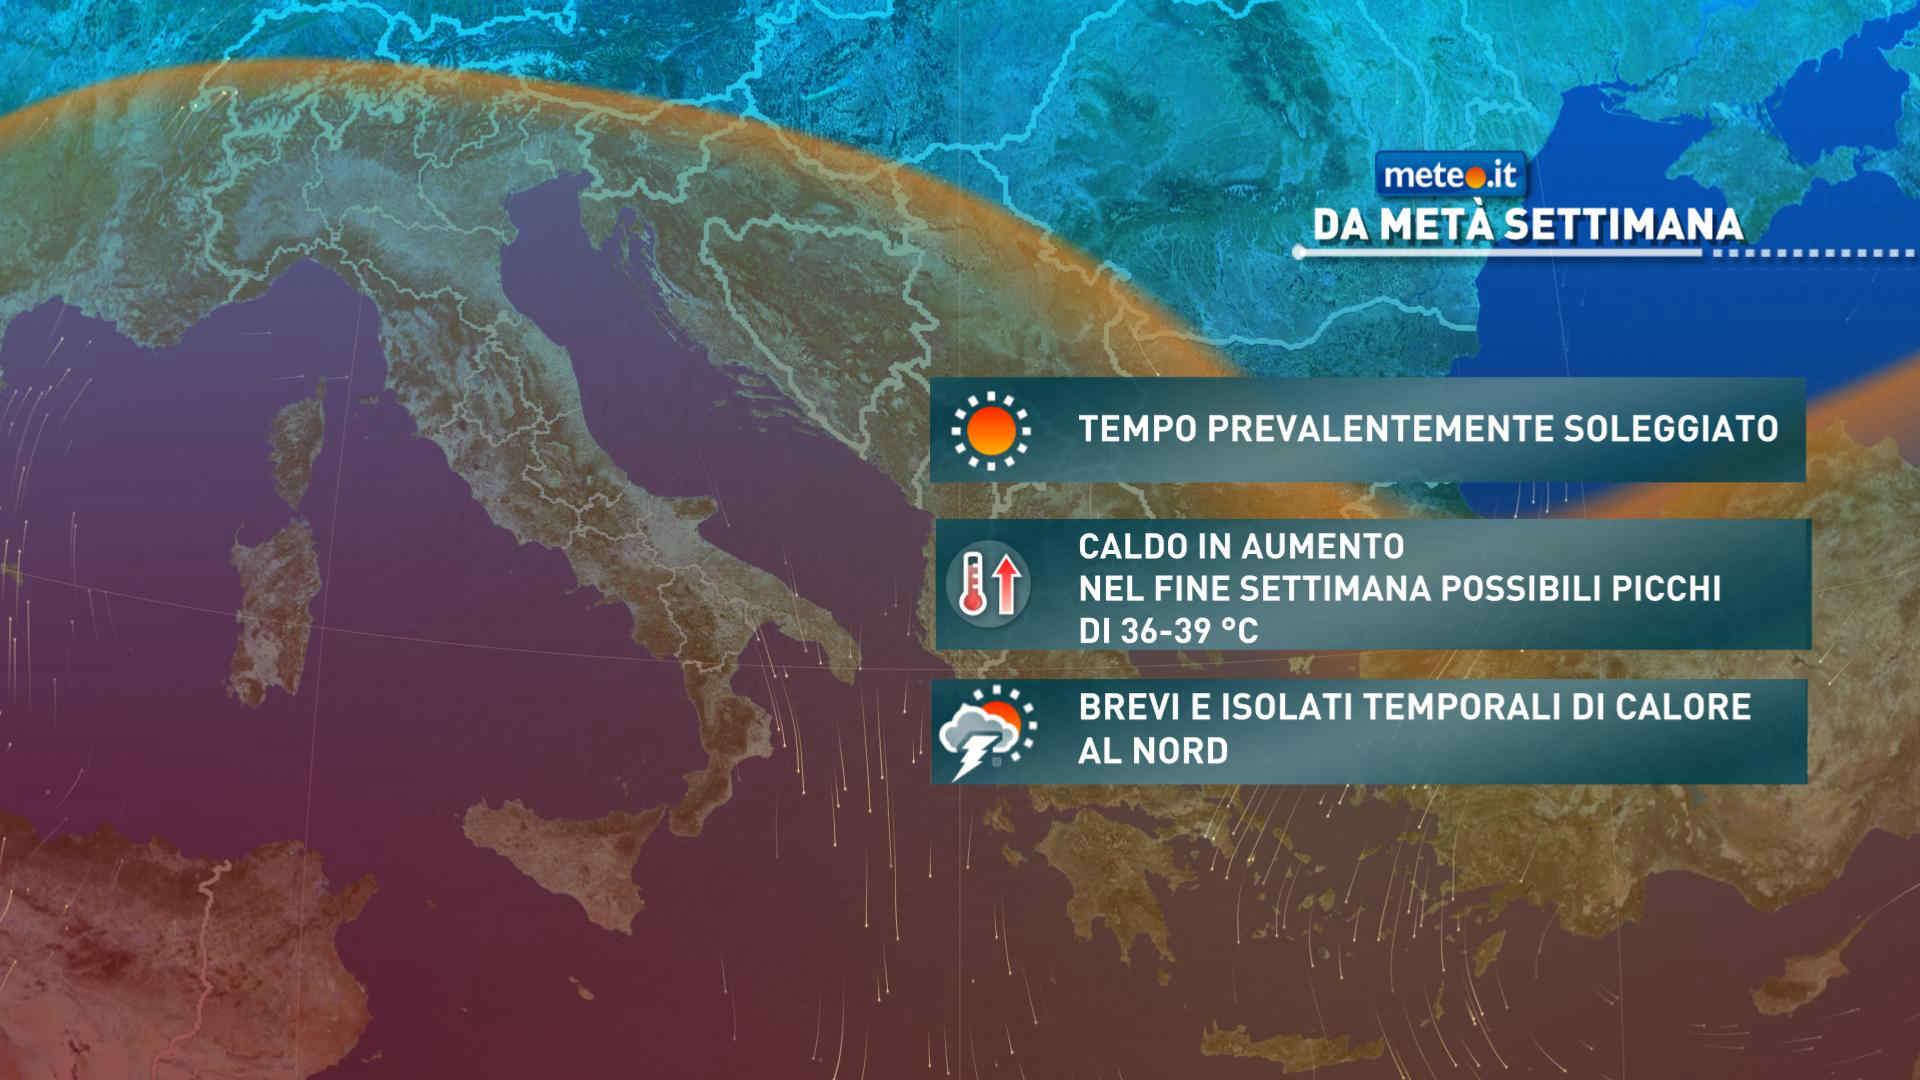 Meteo, nel weekend del 24-25 luglio probabile intensificazione del caldo